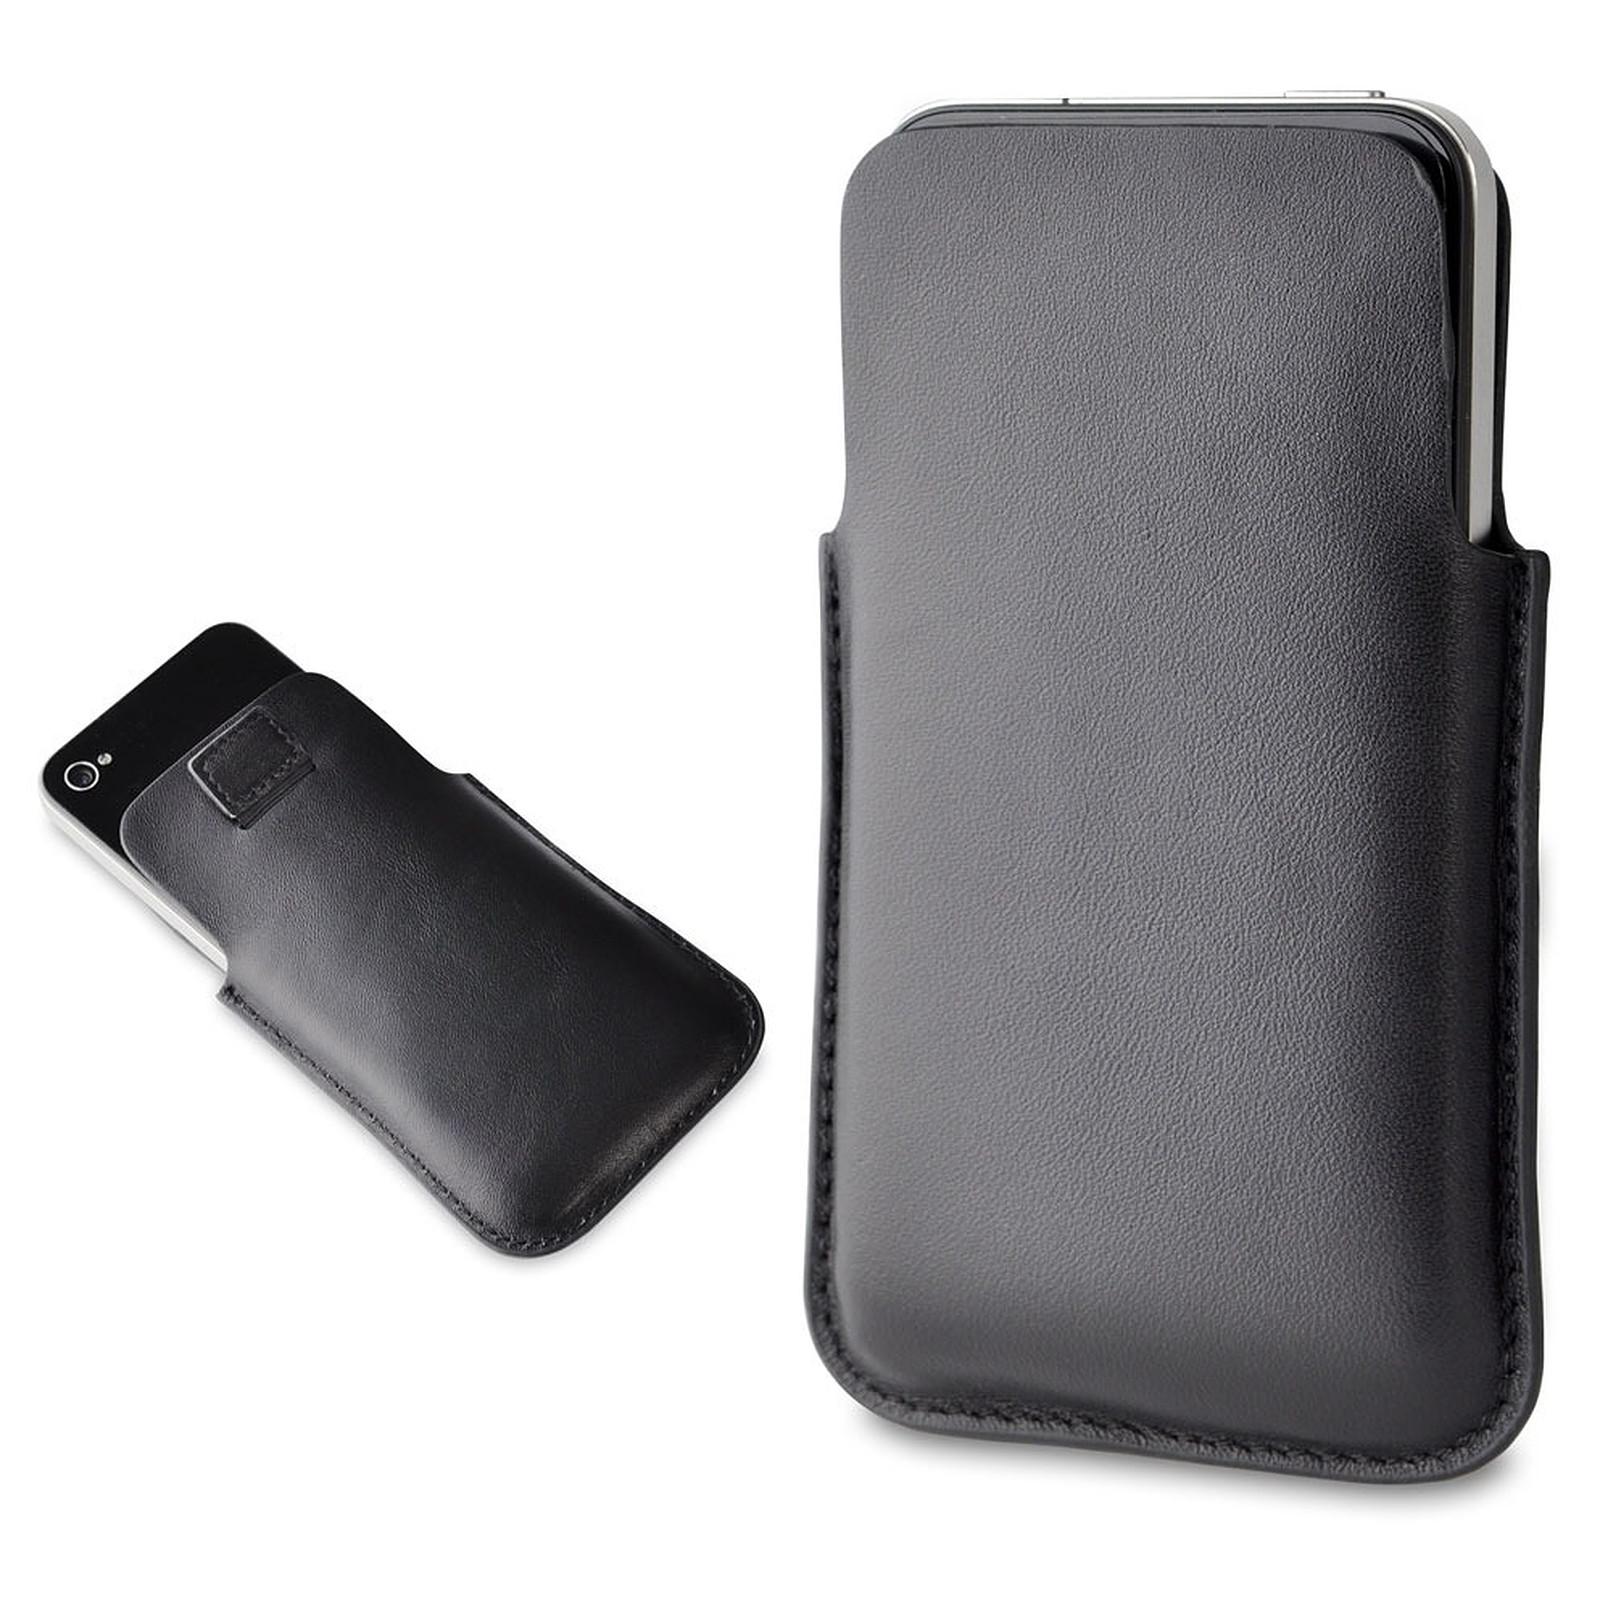 Muvit Etui Pocket Slim cuir Noir (pour iPhone 4)